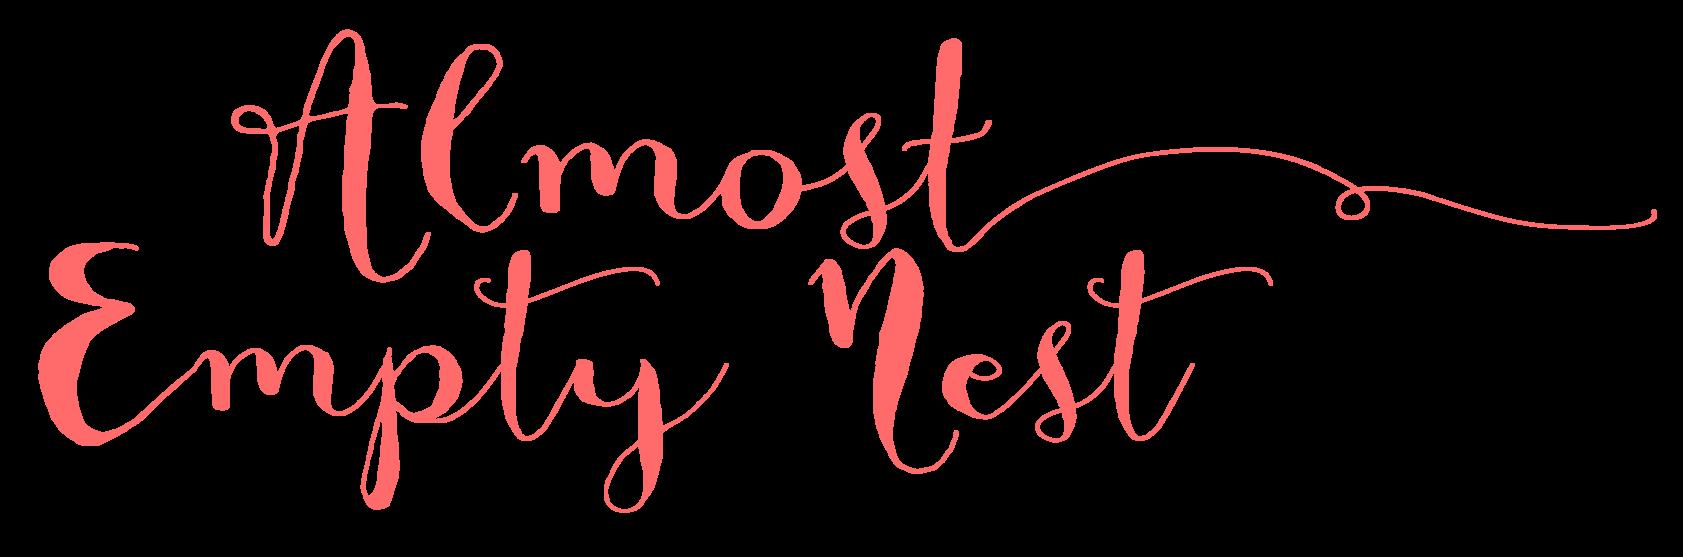 Almost Empty Nest